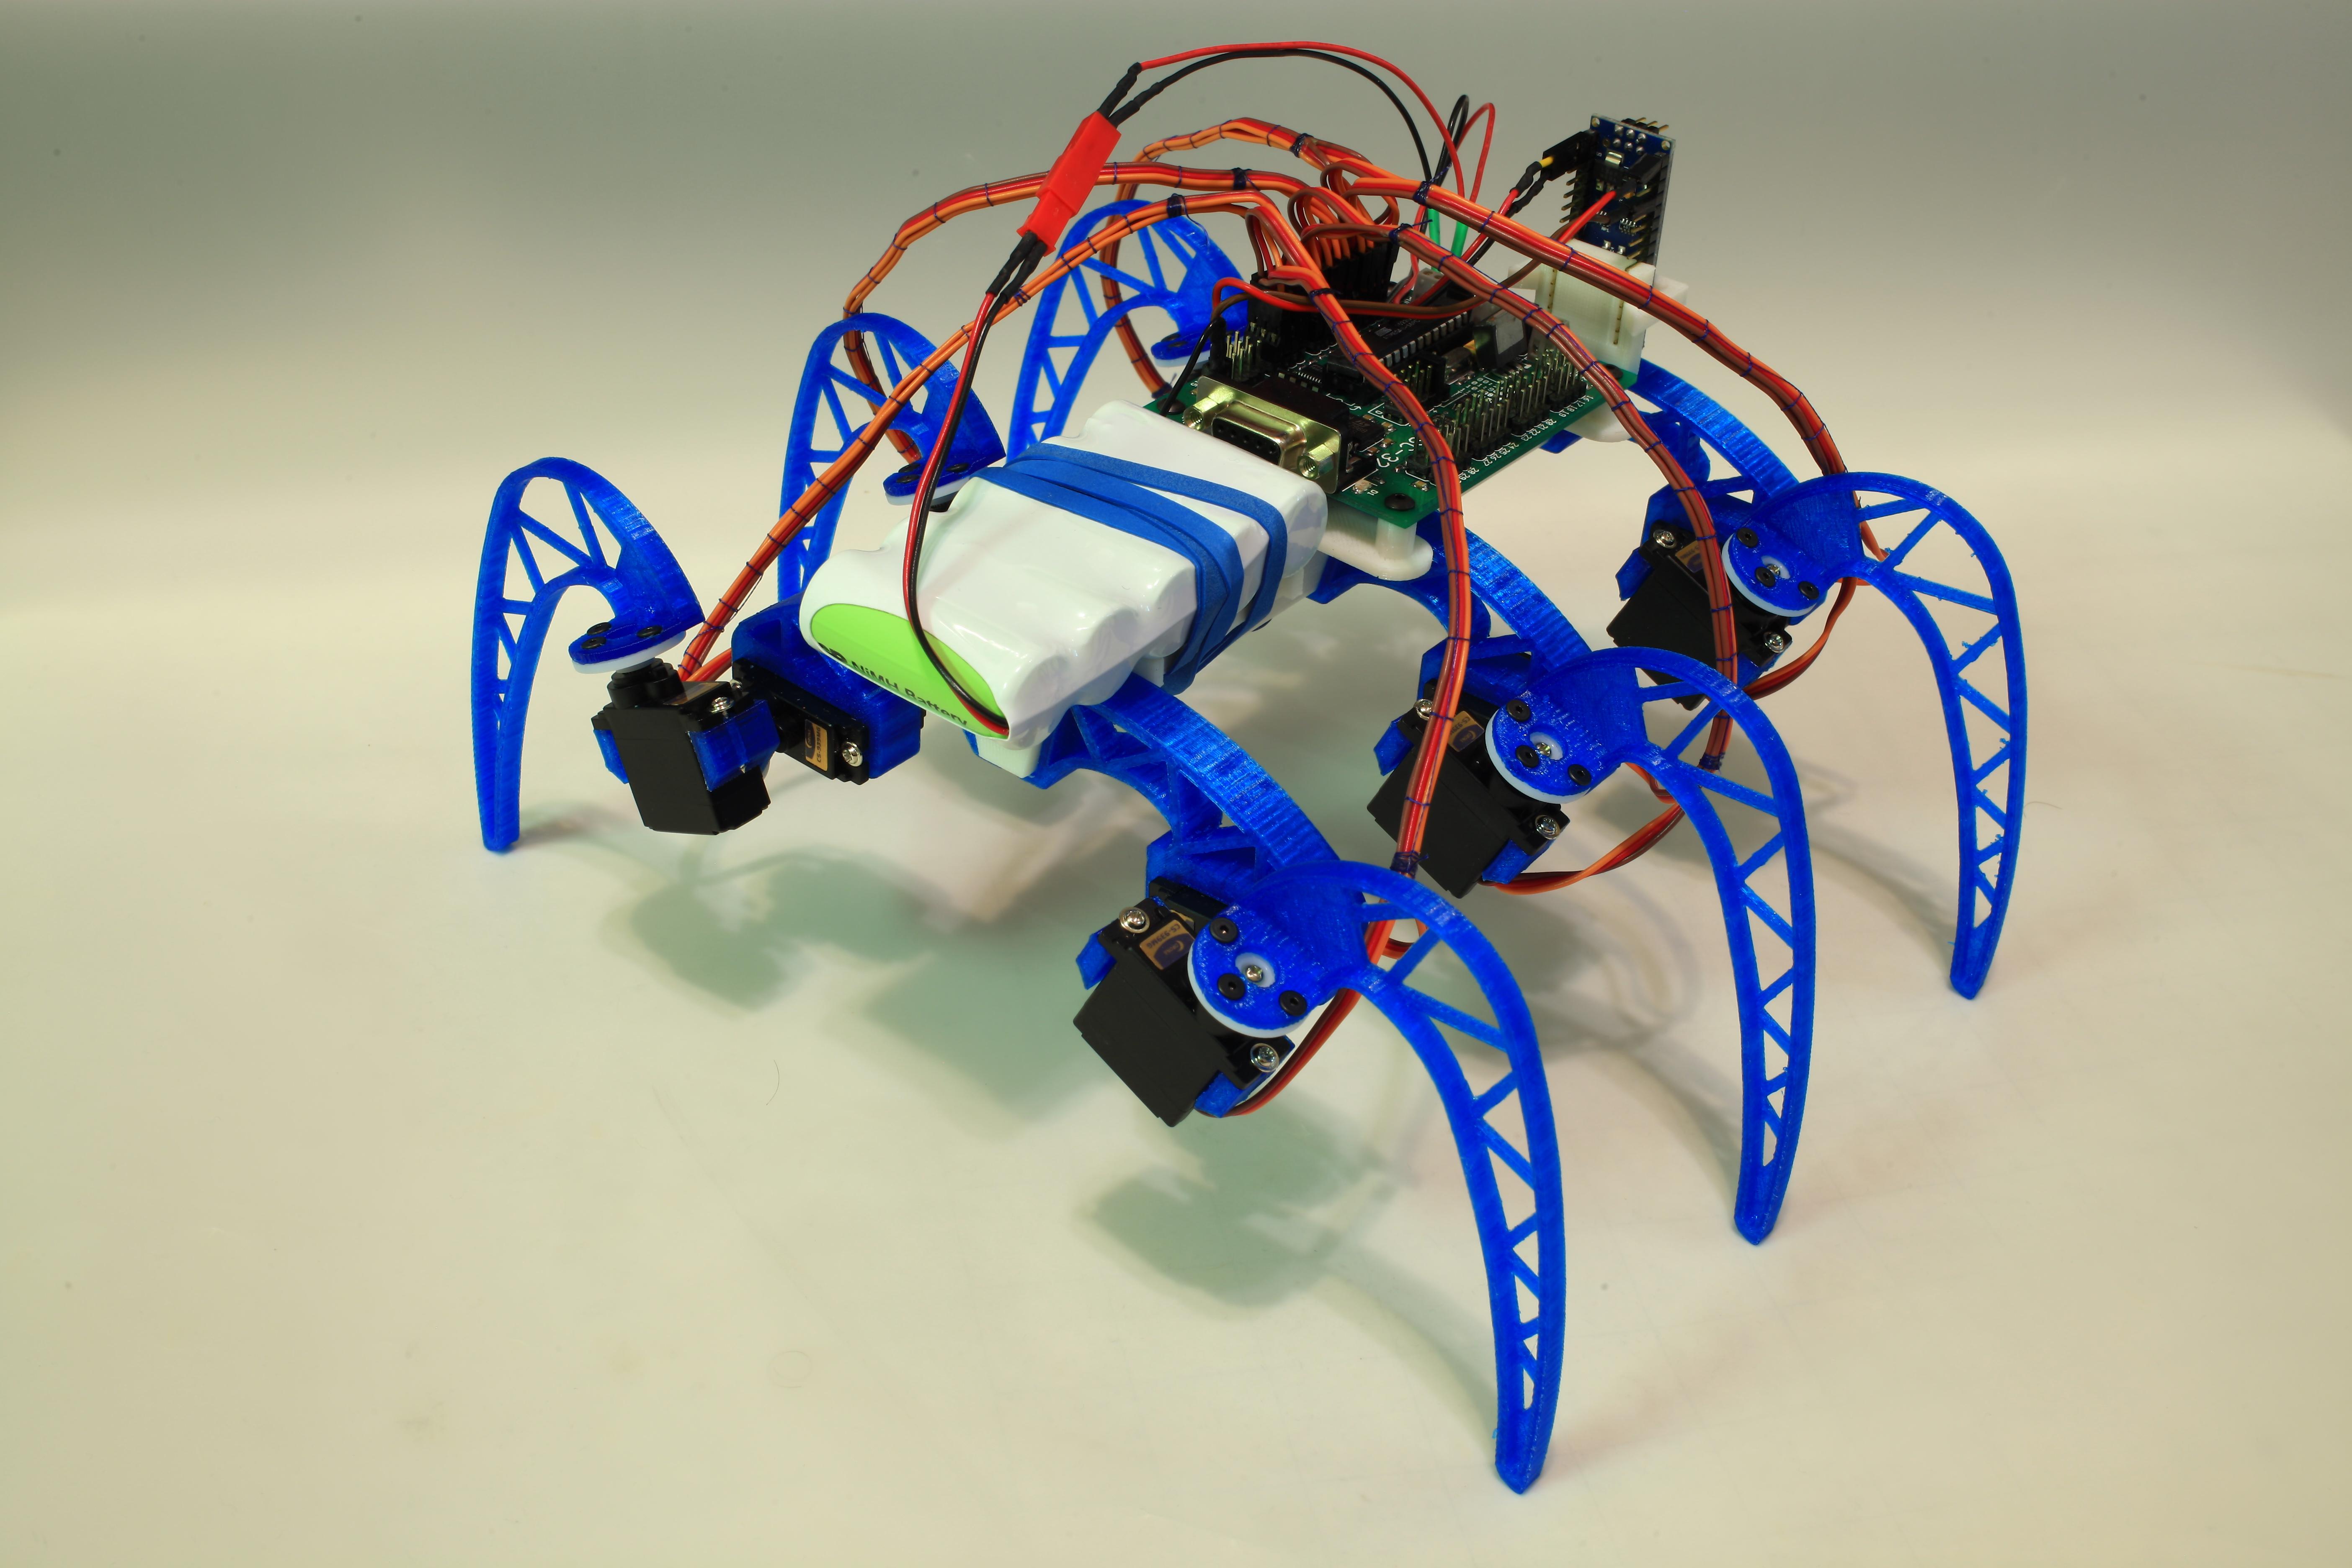 3D printable modular Hexapod robot frame by cdoughty